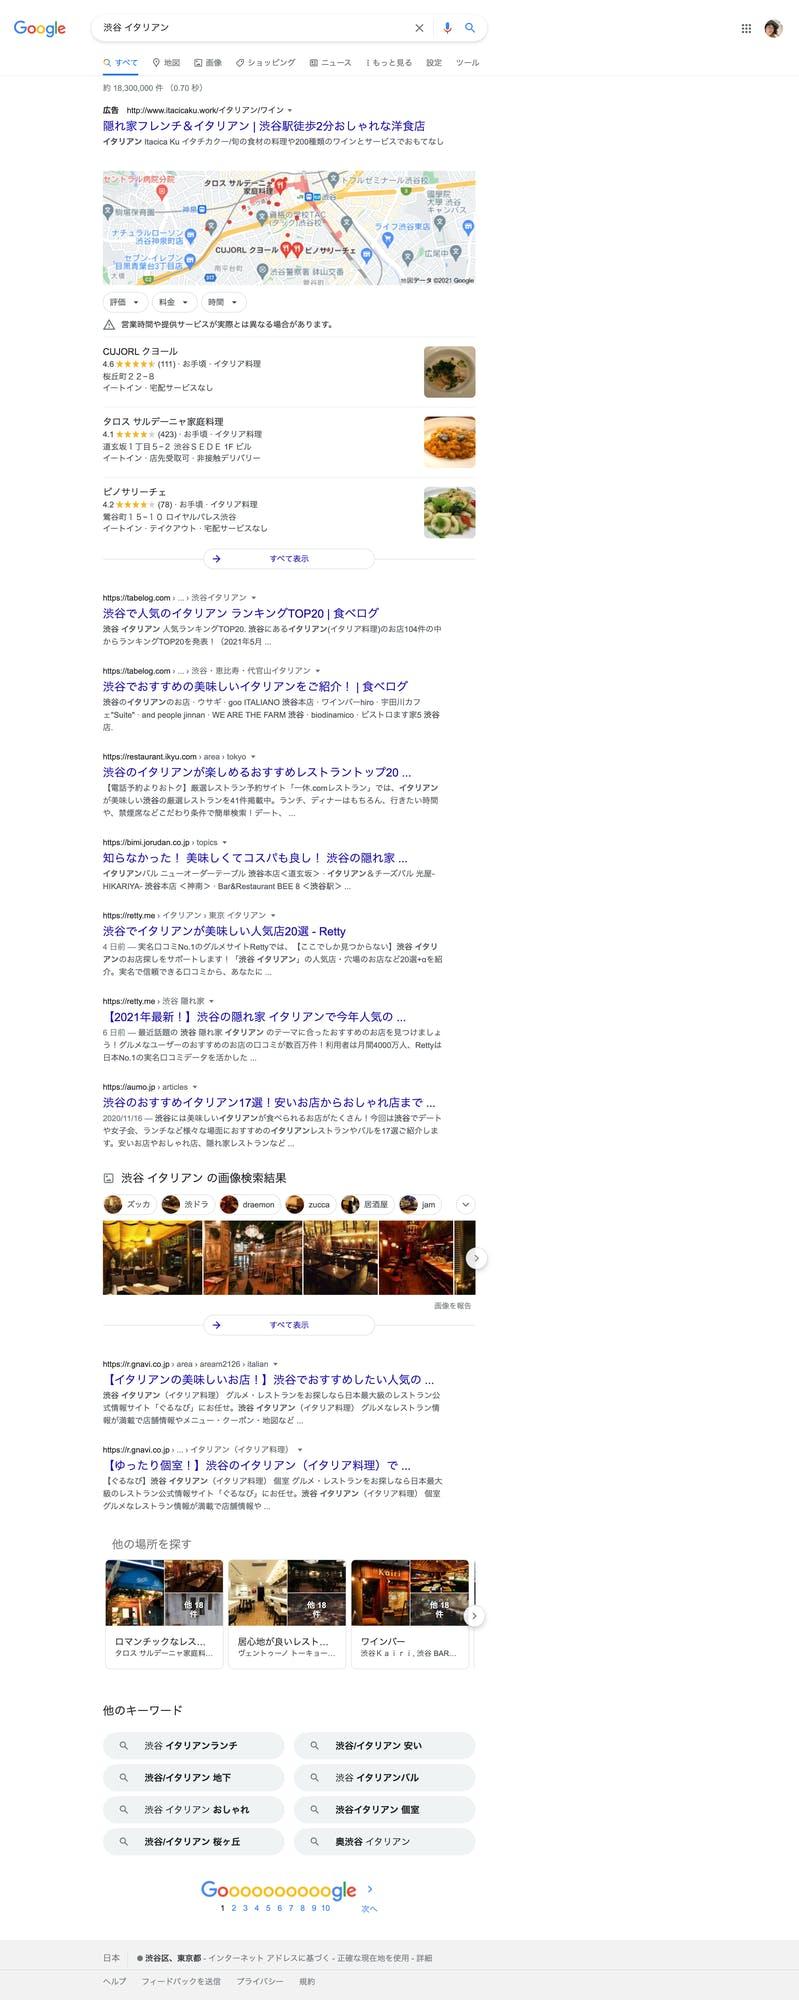 「渋谷 イタリアン」Google 検索の結果